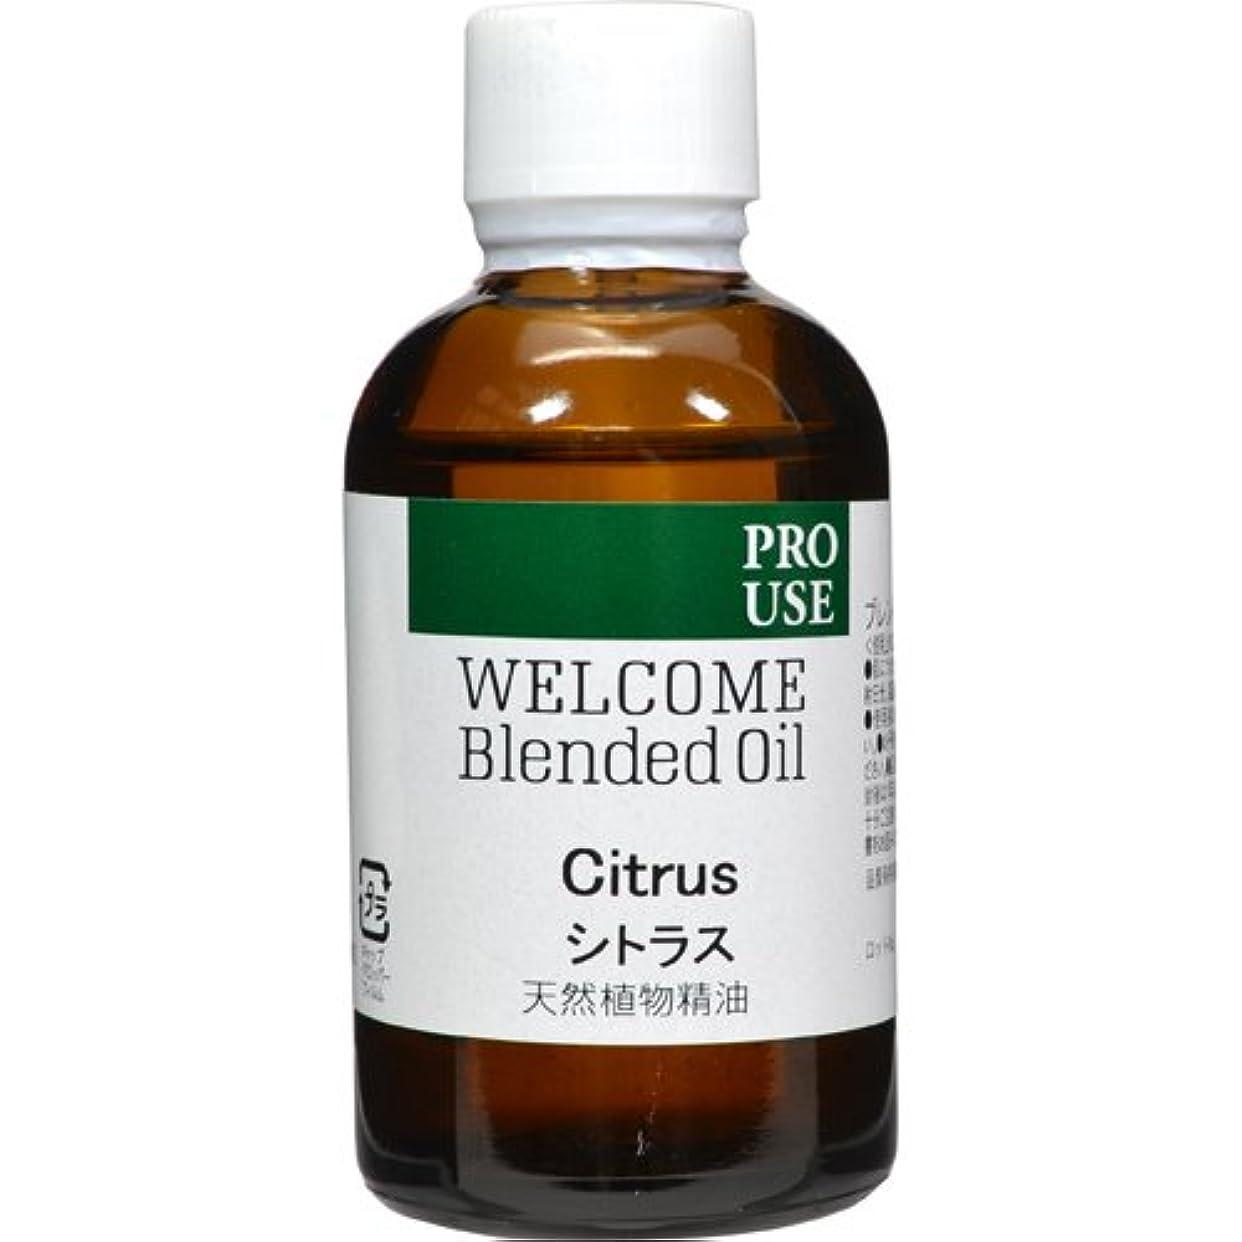 区画キルト毒液ウェルカムブレンド精油 シトラス50ml